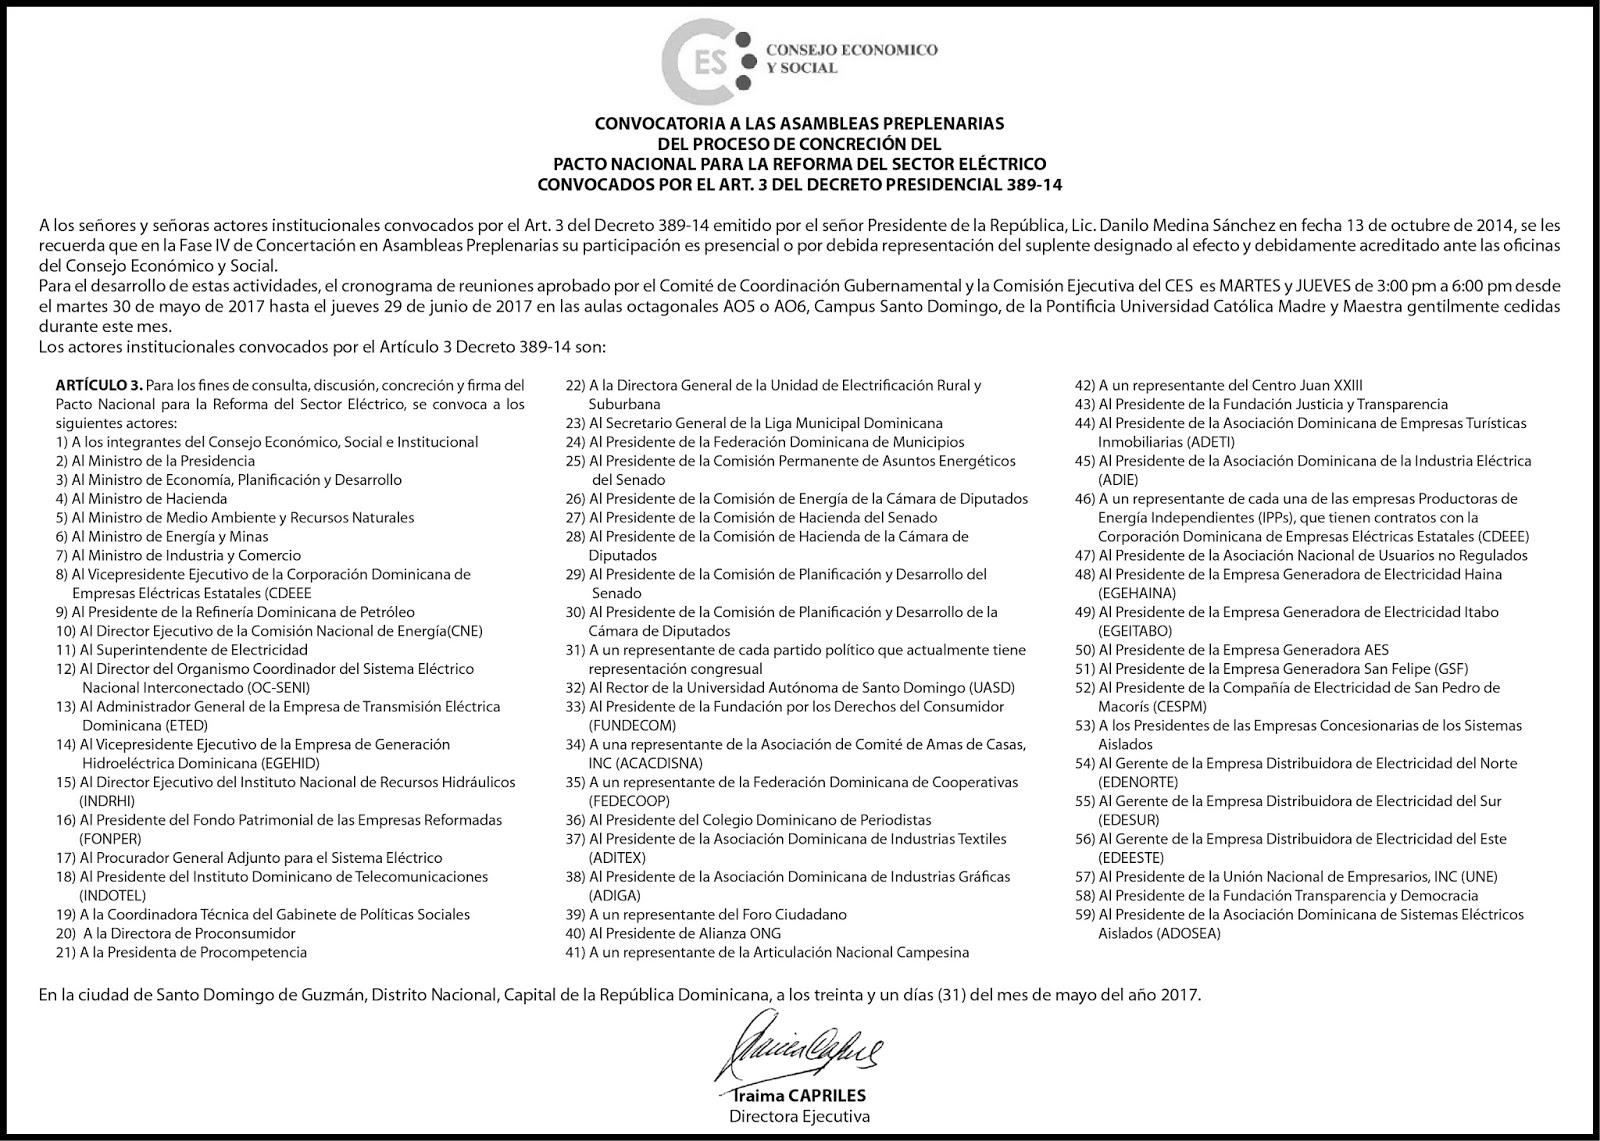 Consejo Económico y Social República Dominicana: 2017